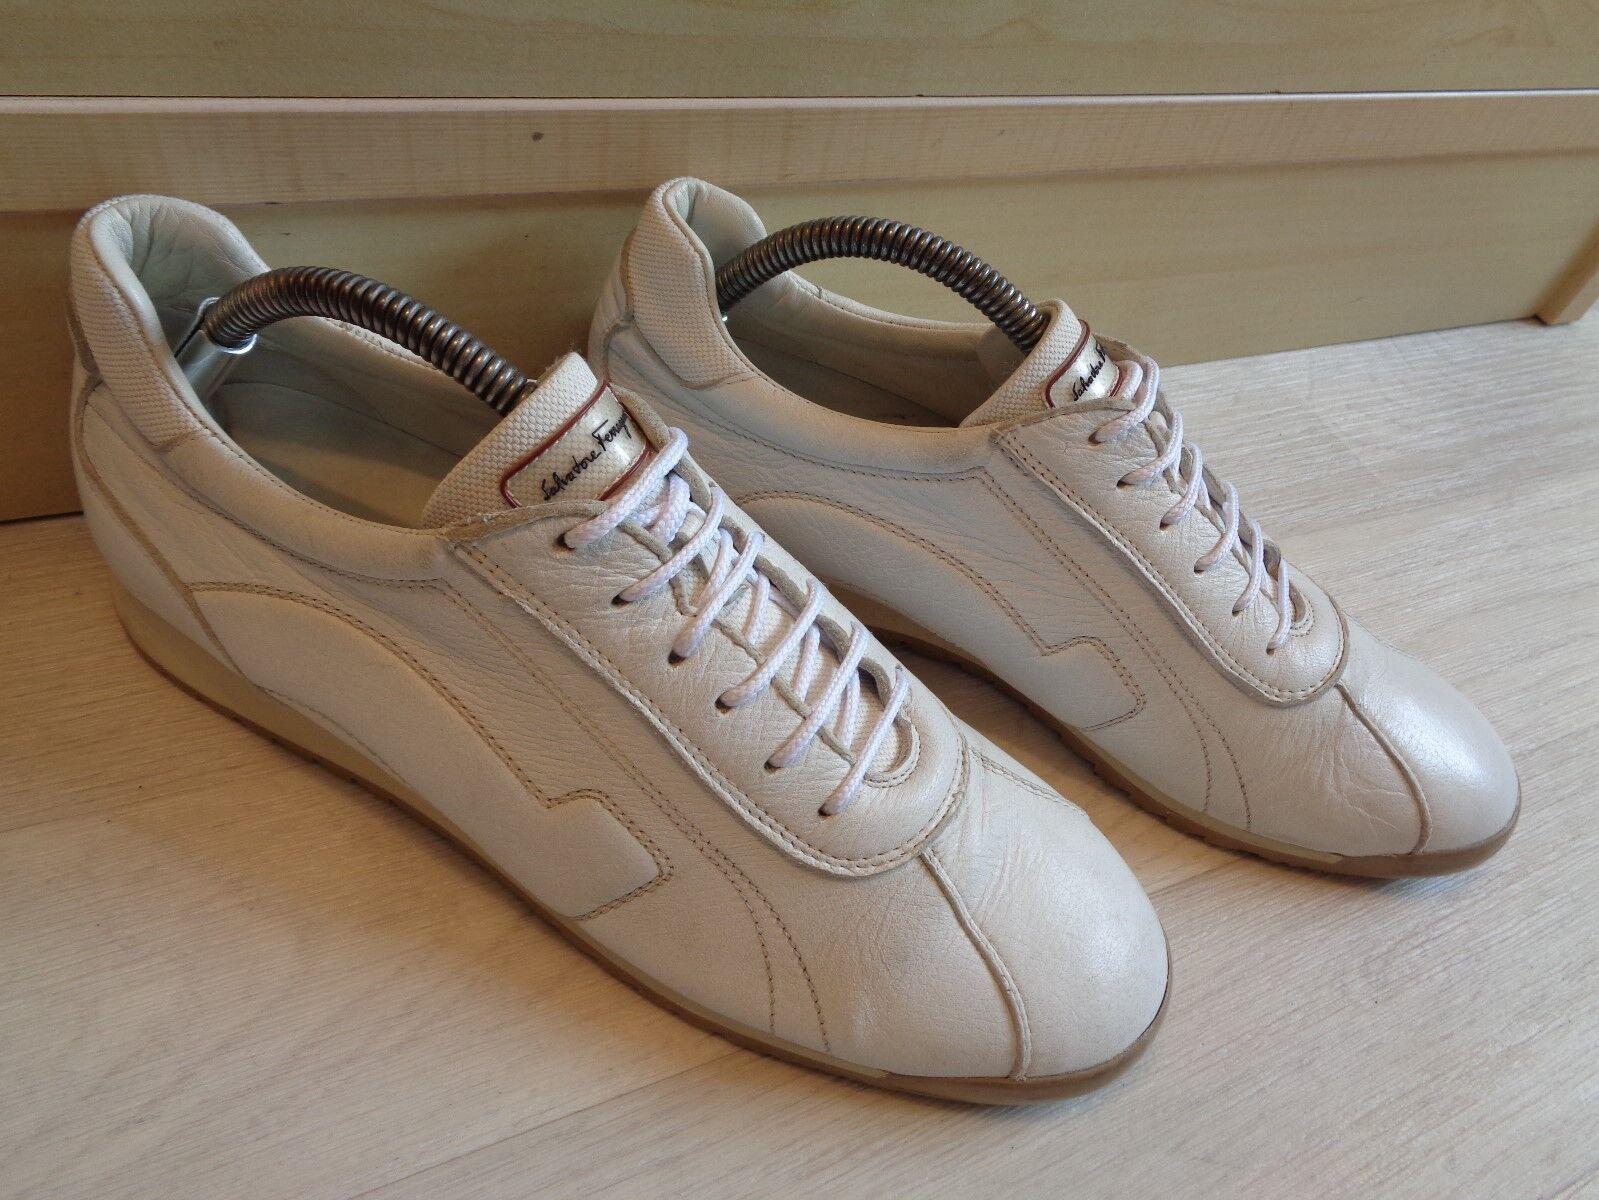 Salvatore Ferragamo Weiß Leder trainers UK 7 Turnschuhe 41 Damenss laced Italian Turnschuhe 7 b01ca7